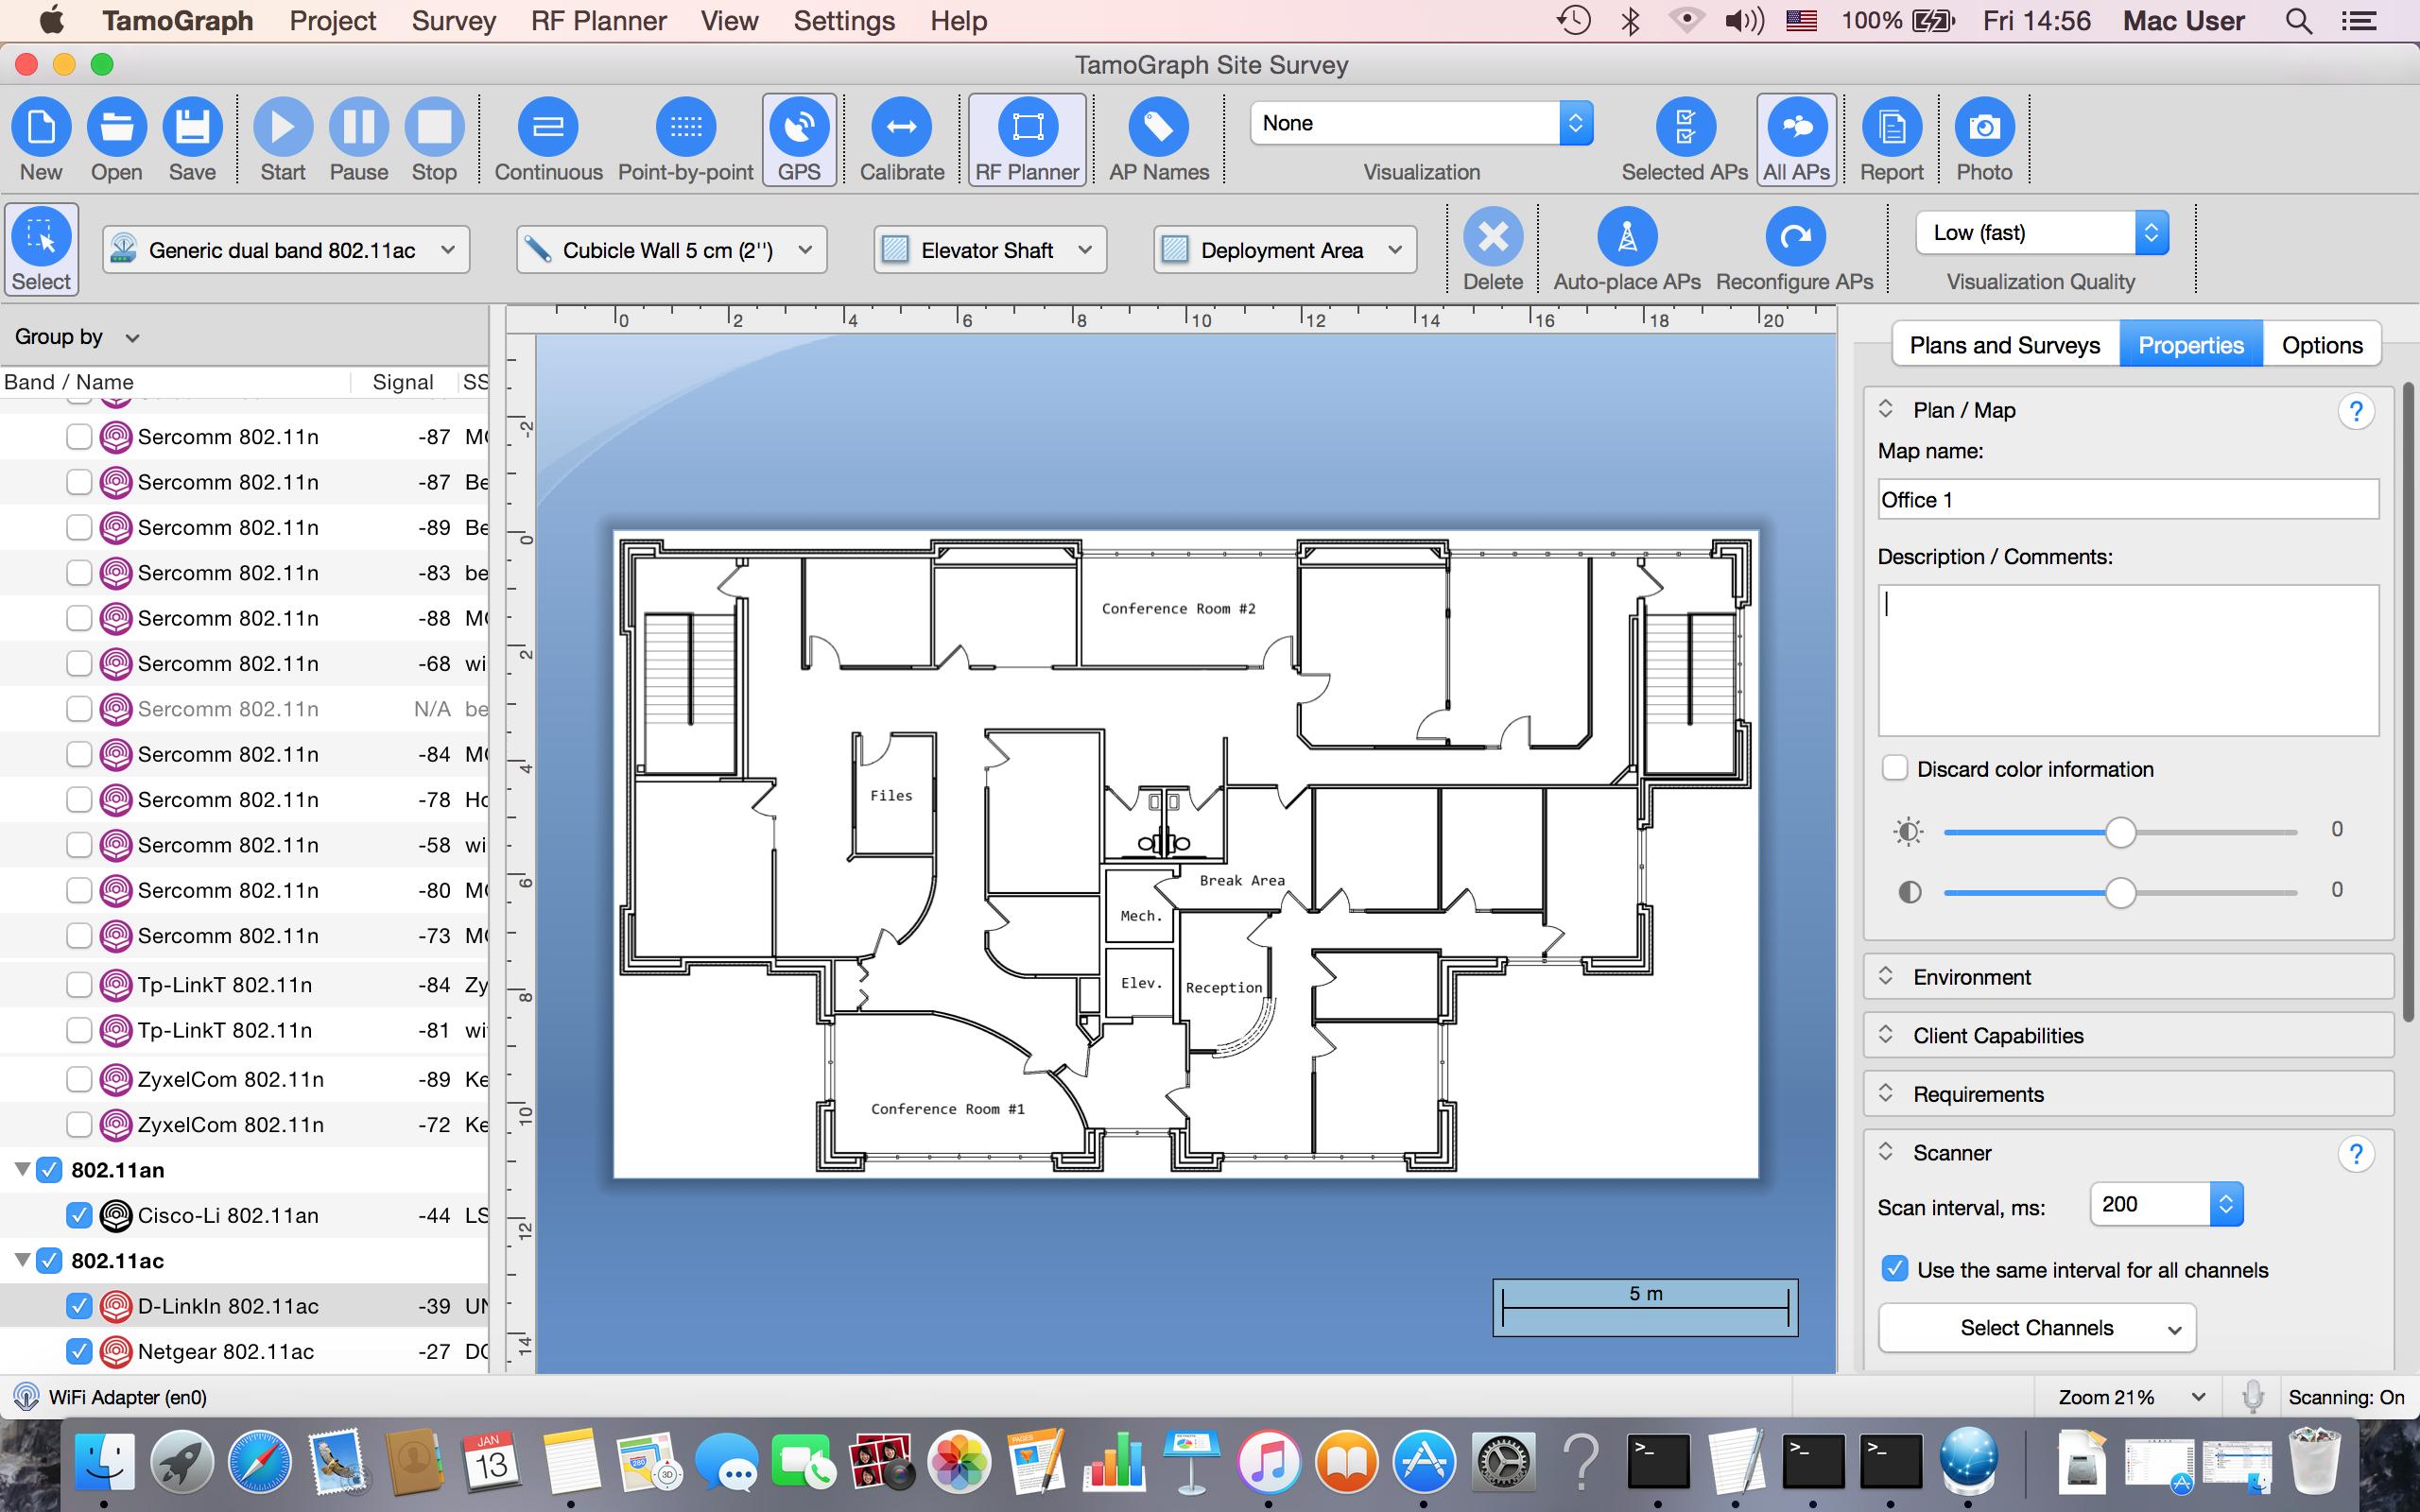 TamoGraph on macOS